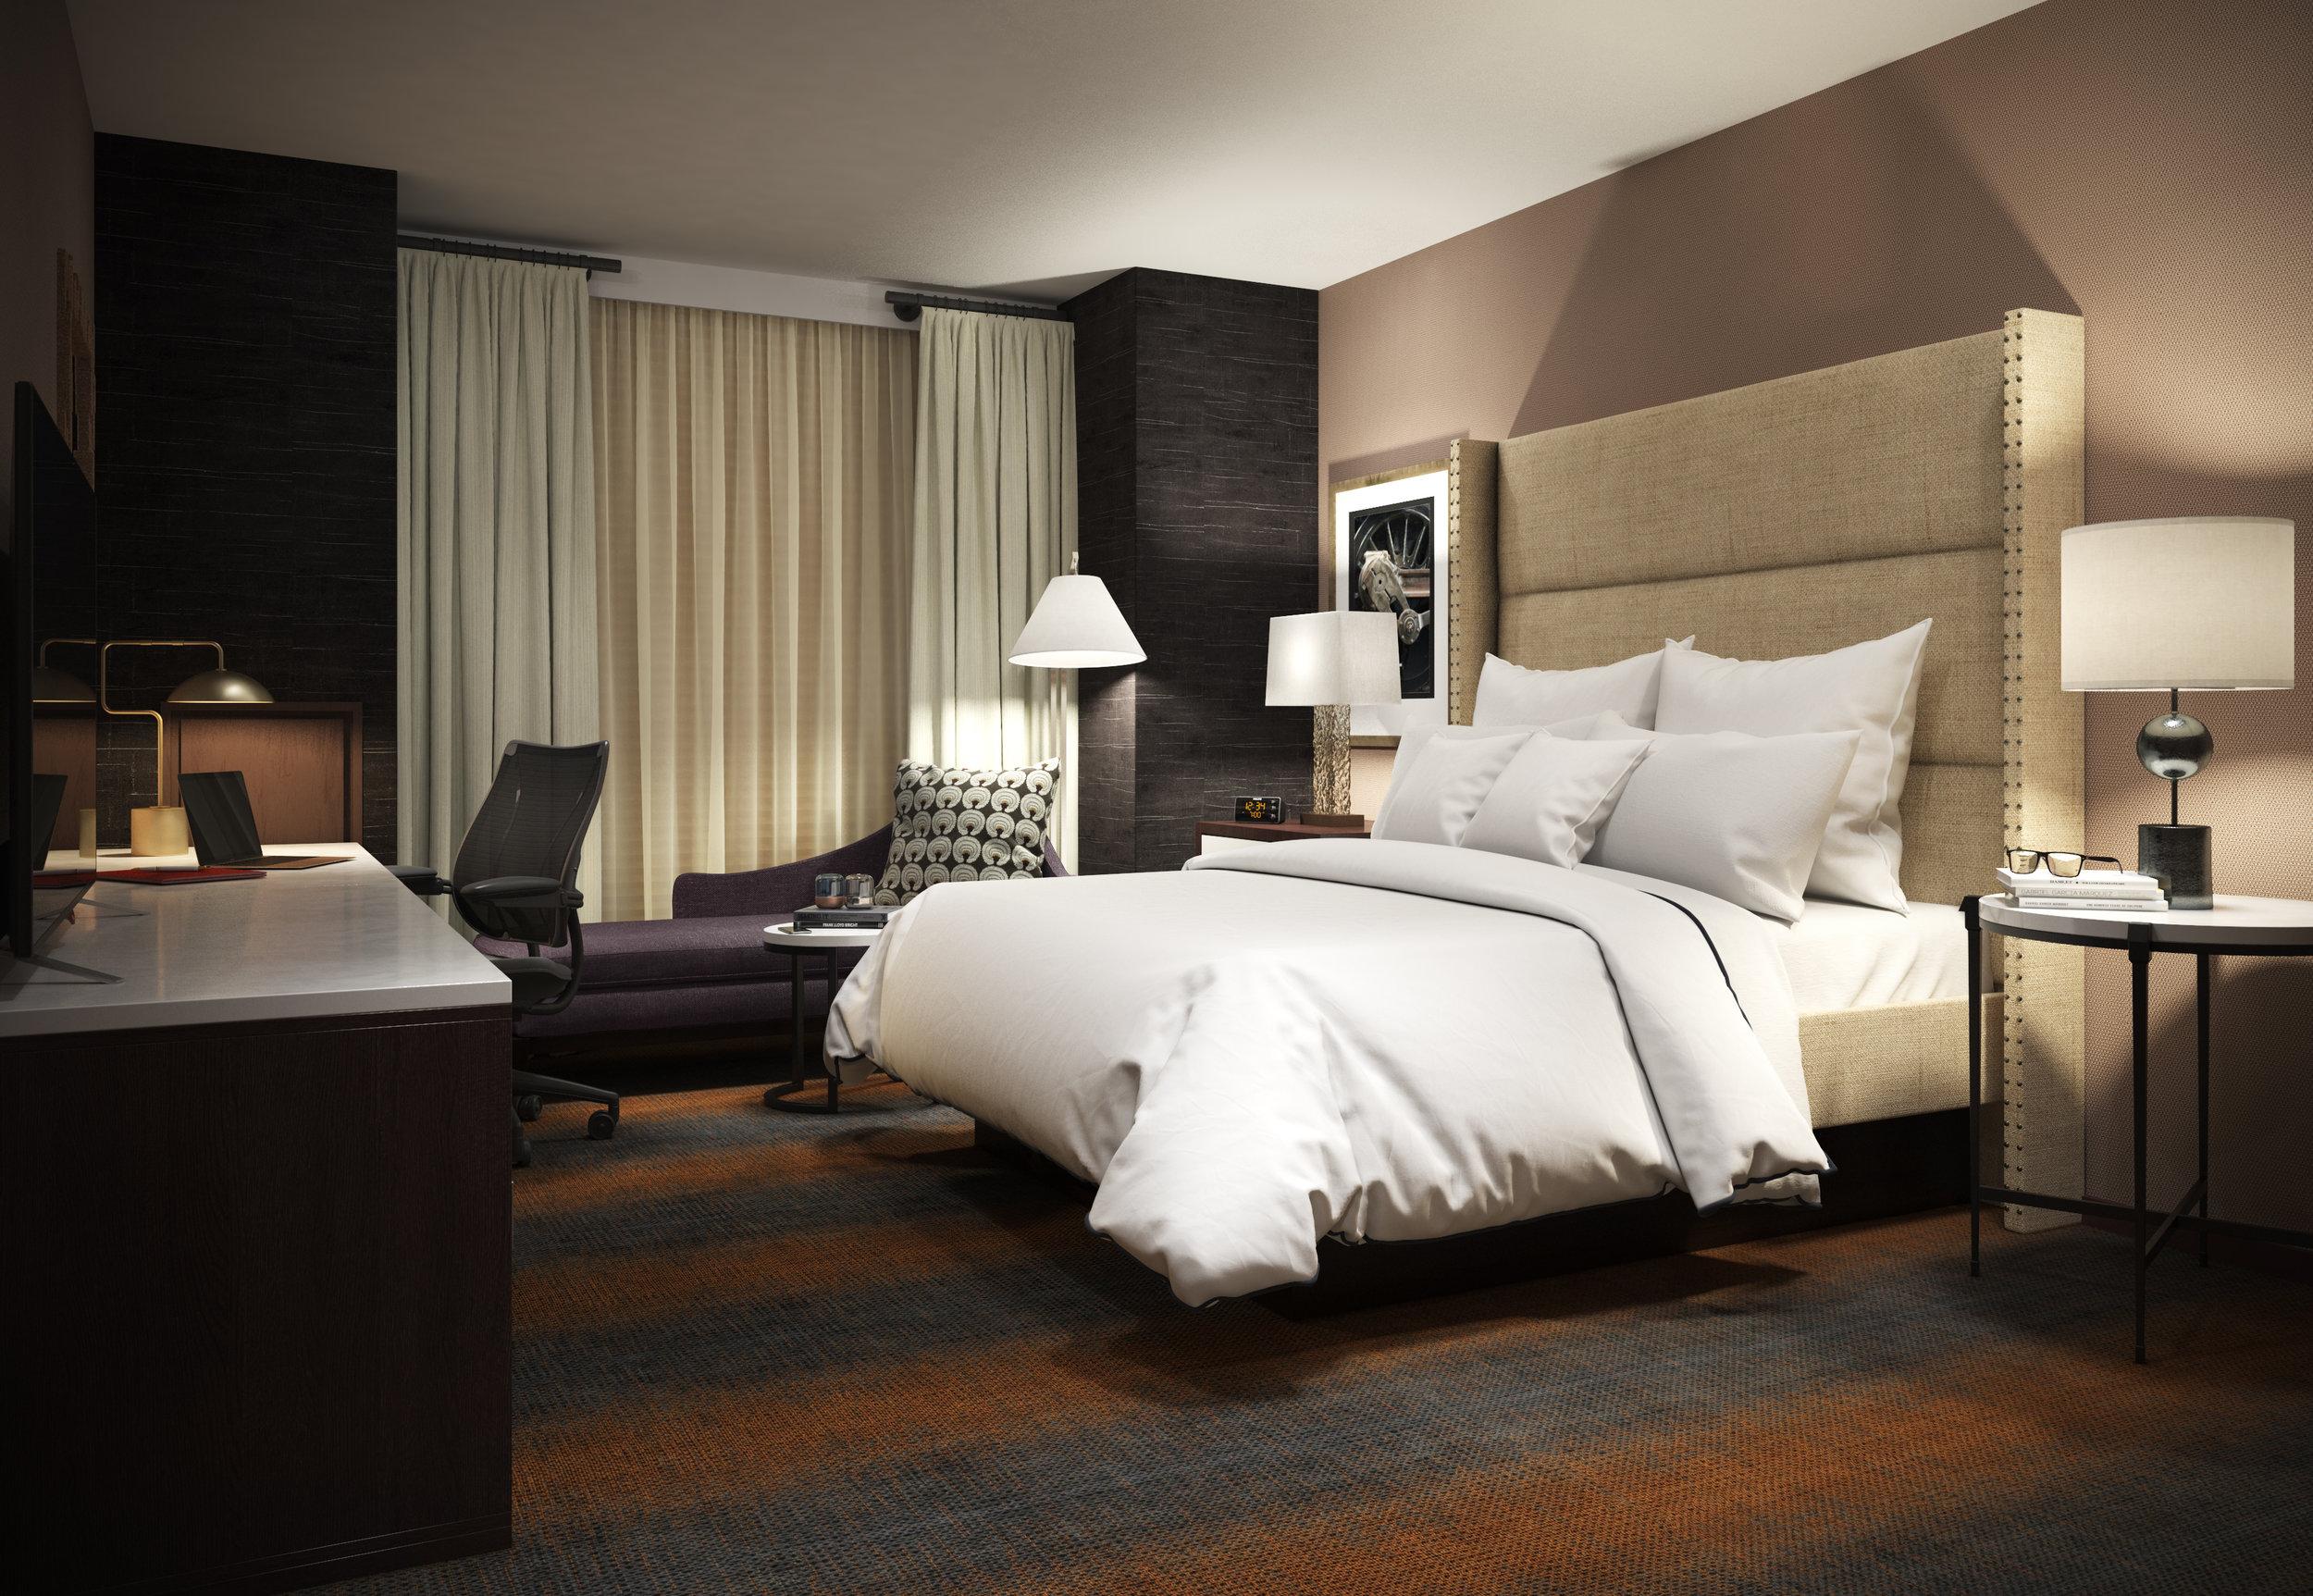 DoubleTree Hotel 01.jpg